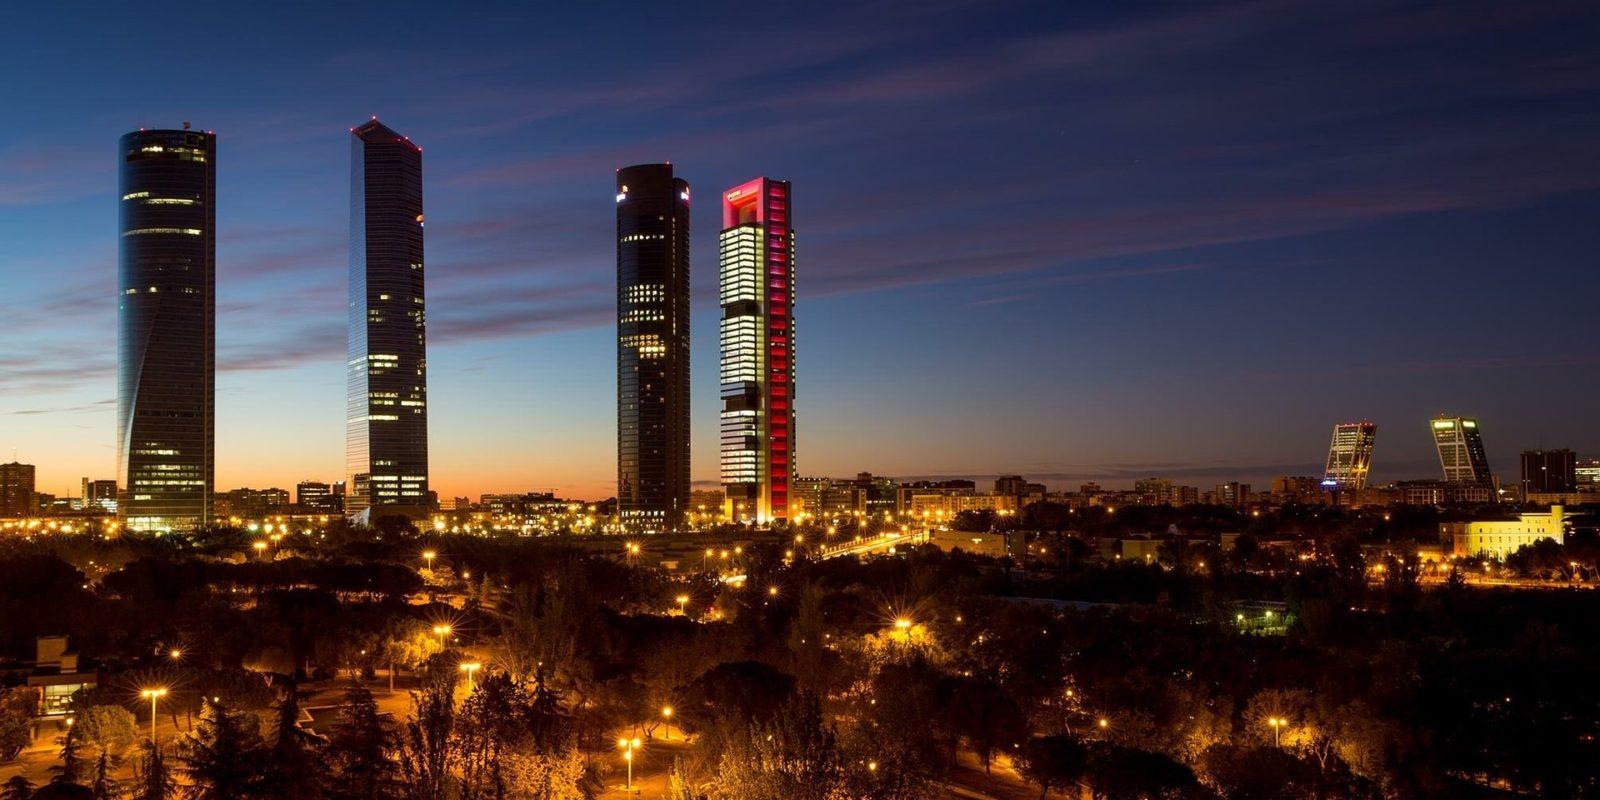 Night Skyline of Madrid, Spain.